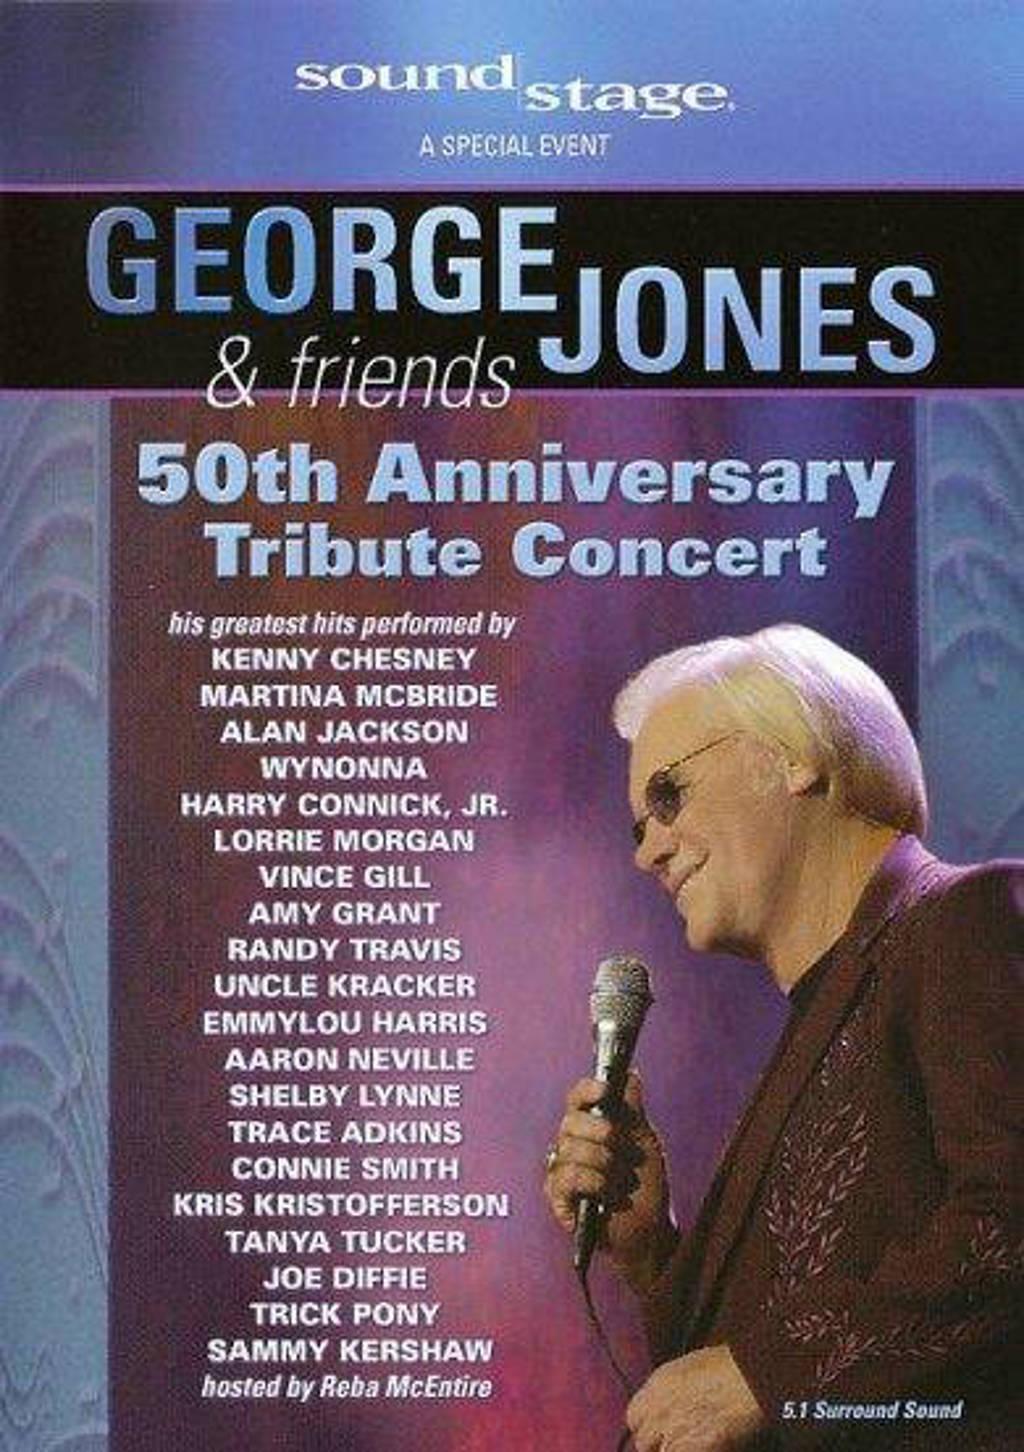 George Jones & friends - 50 Years of hits (DVD)